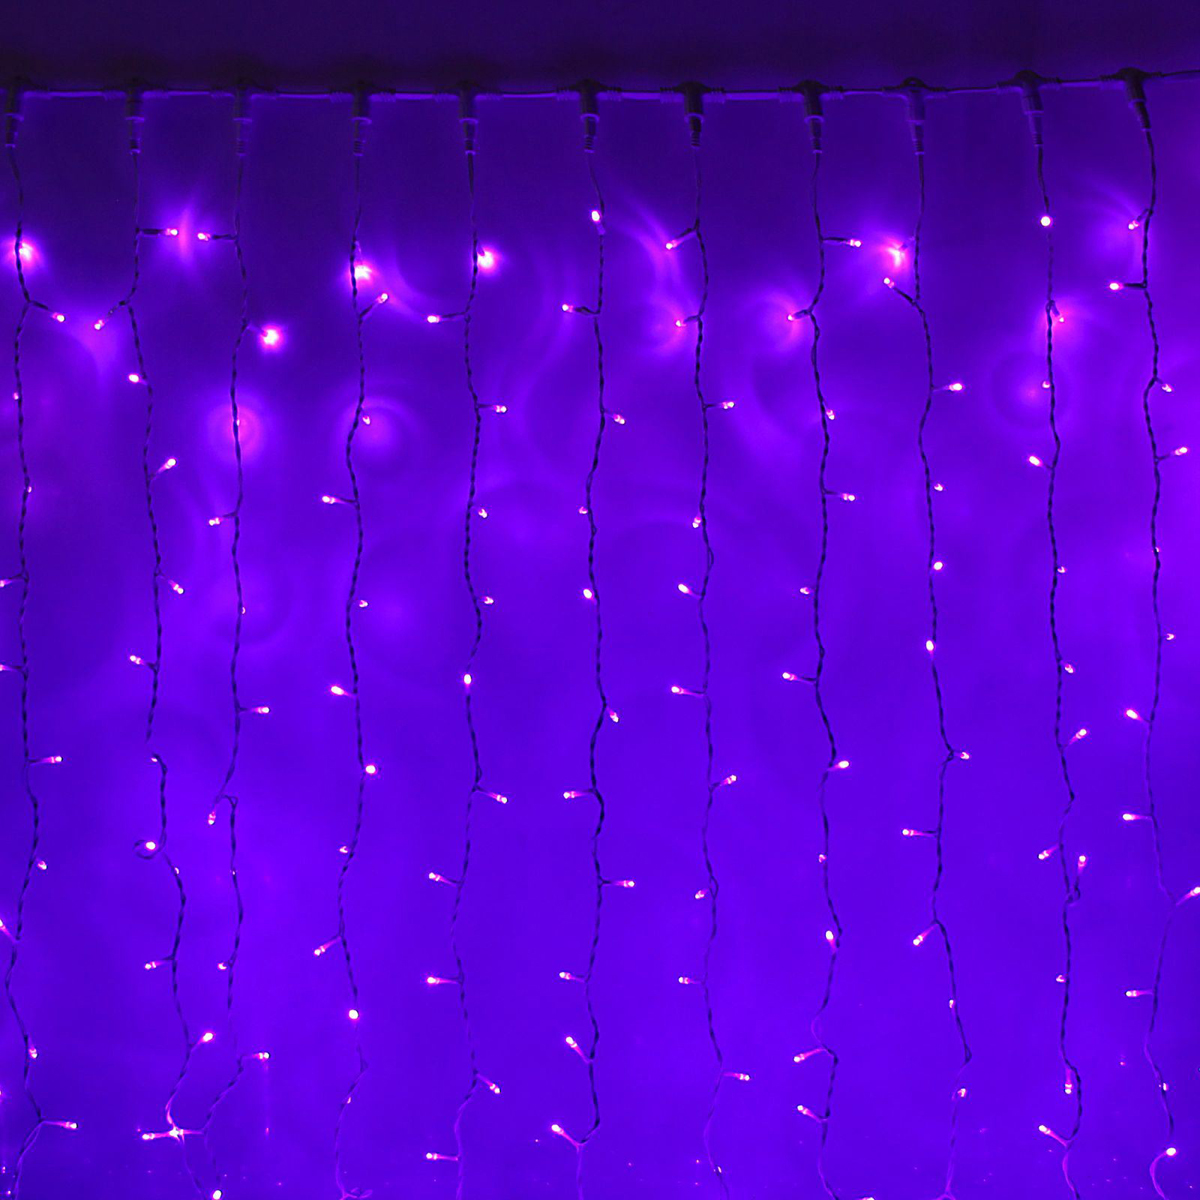 Гирлянда светодиодная Luazon Занавес, цвет: фиолетовый, уличная, 760 ламп, 220 V, 2 х 3 м. 10802151080215Гирлянда светодиодная Luazon Занавес - это отличный вариант для новогоднего оформления интерьера или фасада. С ее помощью помещение любого размера можно превратить в праздничный зал, а внешние элементы зданий, украшенные гирляндой, мгновенно станут напоминать очертания сказочного дворца. Такое украшение создаст ауру предвкушения чуда. Деревья, фасады, витрины, окна и арки будто специально созданы, чтобы вы украсили их светящимися нитями.